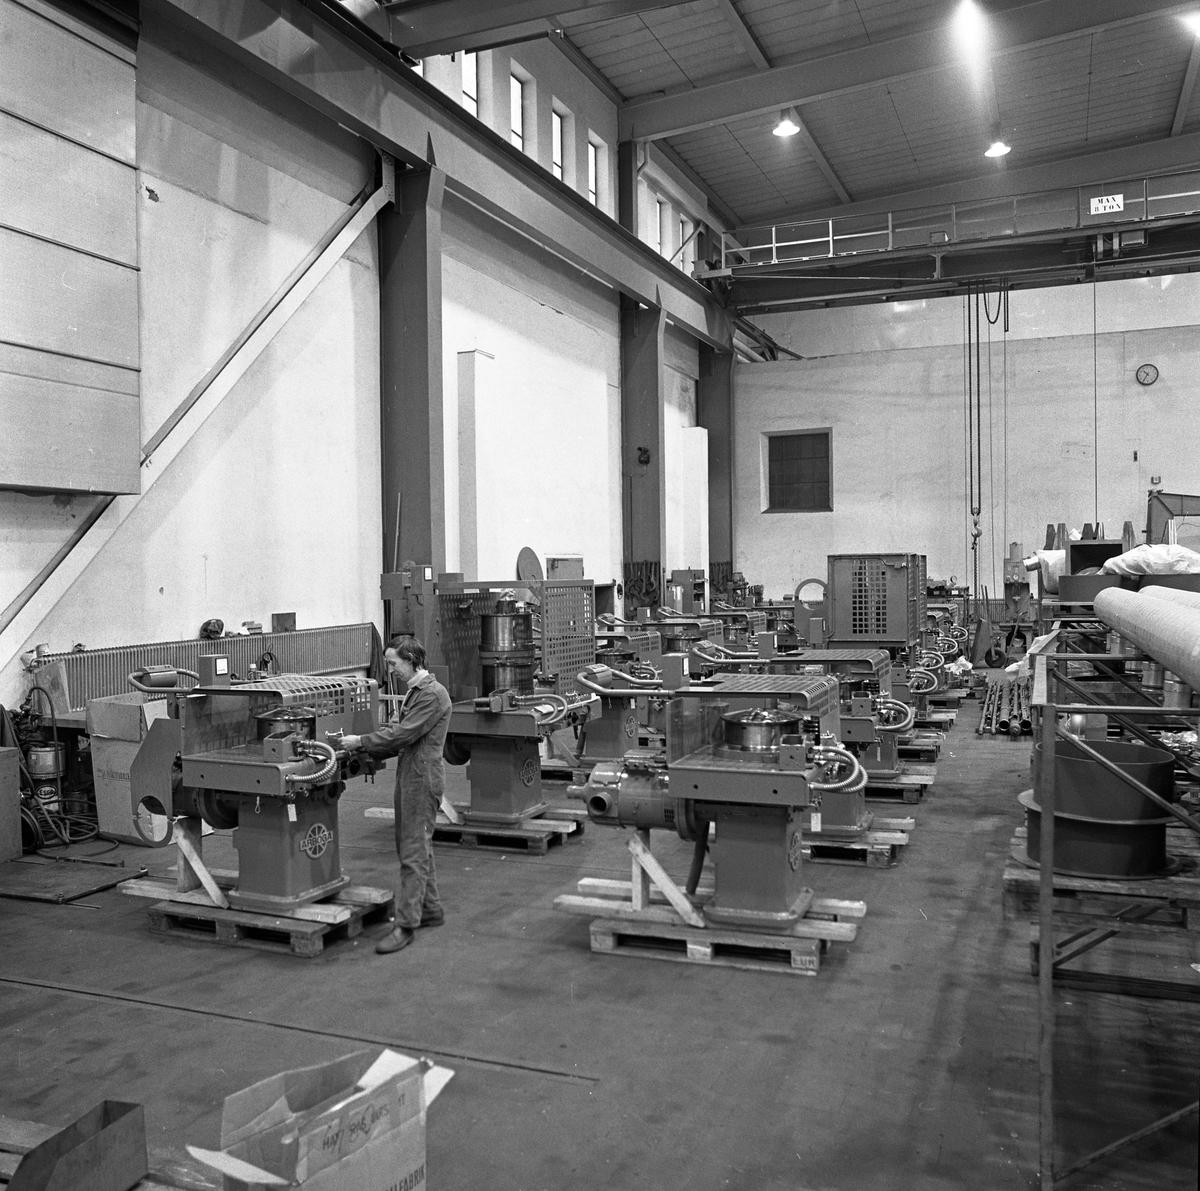 Arboga Mekaniska Verkstad, interiör från maskinverkstad och monteringsavdelning. Industrilokal med högt i tak, traverser och maskiner i rader. En man arbetar vid en maskin.  25 september 1856 fick AB Arboga Mekaniska Verkstad rättigheter att anlägga järngjuteri och mekanisk verkstad. Verksamheten startade 1858. Meken var först i landet med att installera en elektrisk motor för drift av verktygsmaskiner vid en taktransmission (1887).  Gjuteriet lades ner 1967. Den mekaniska verkstaden lades ner på 1980-talet. Läs om Meken i Hembygdsföreningen Arboga Minnes årsbok från 1982.